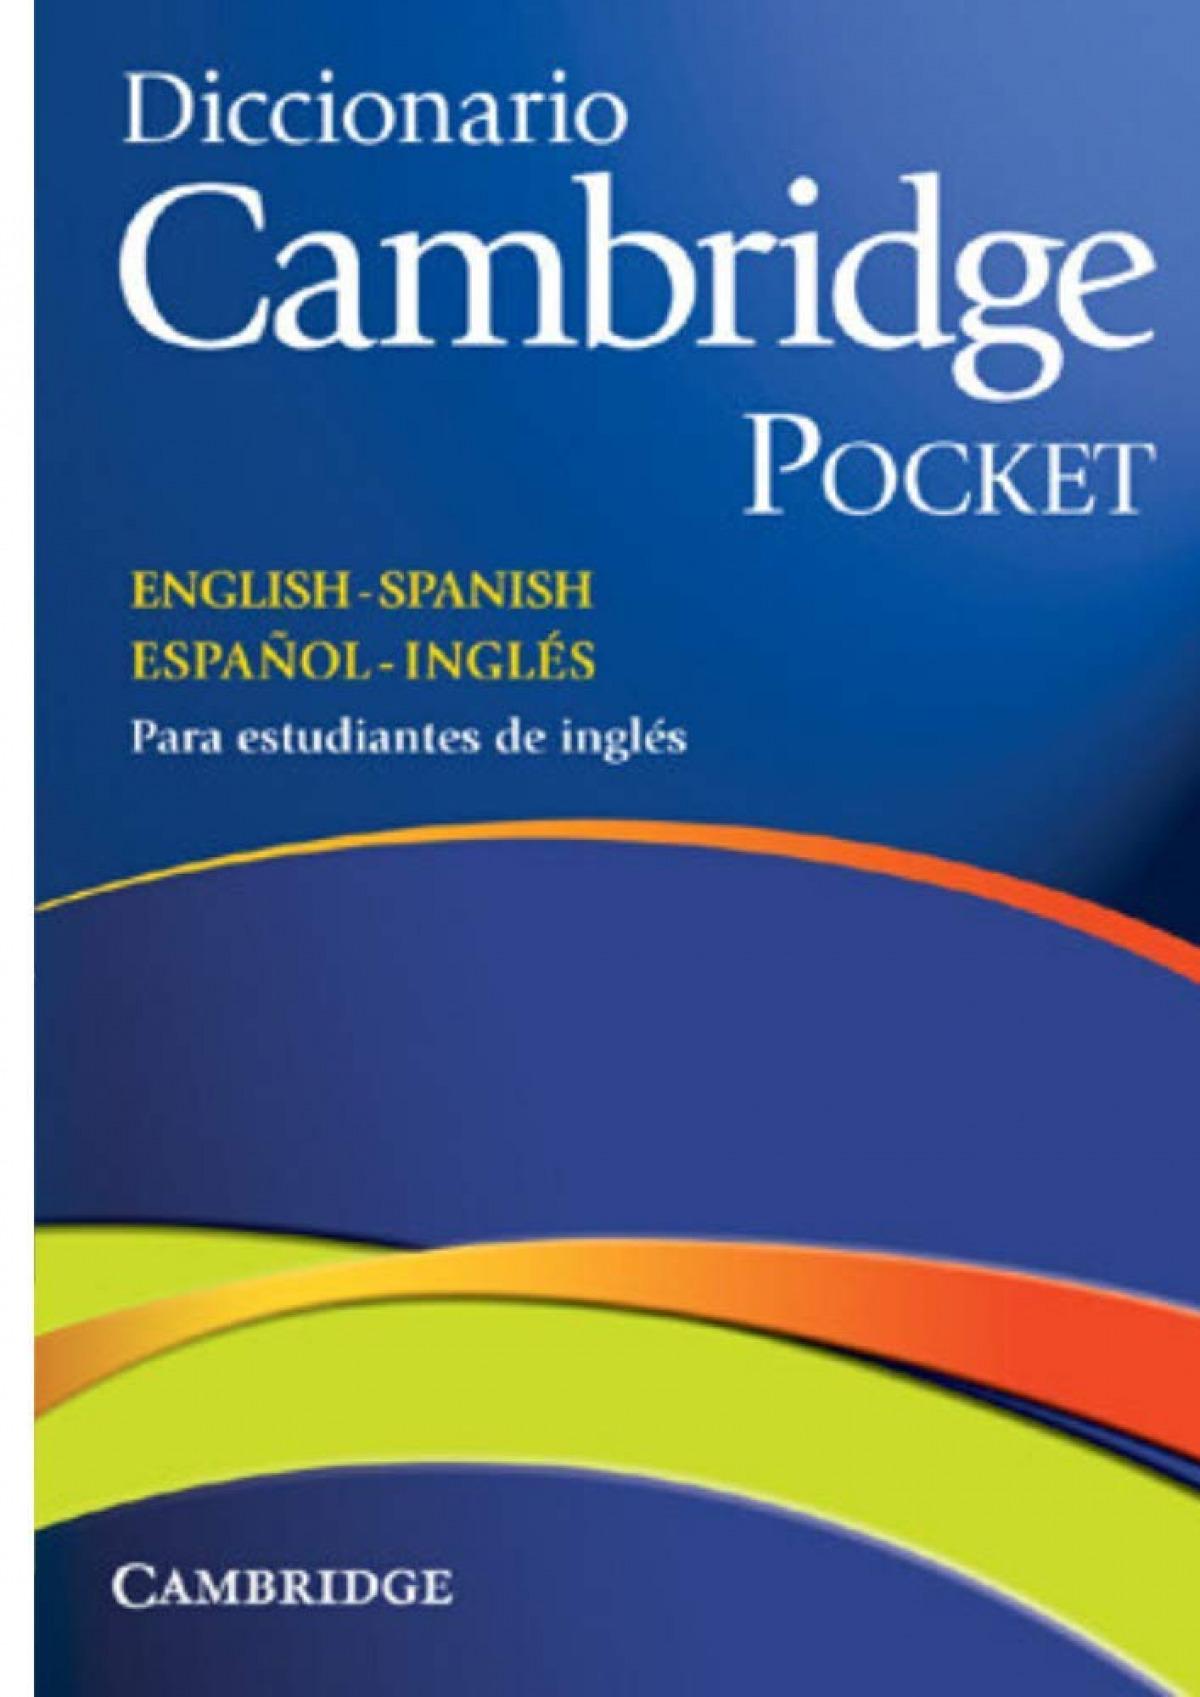 Diccionario Cambridge pocket English-Spanish/ español-inglés 9788483234785